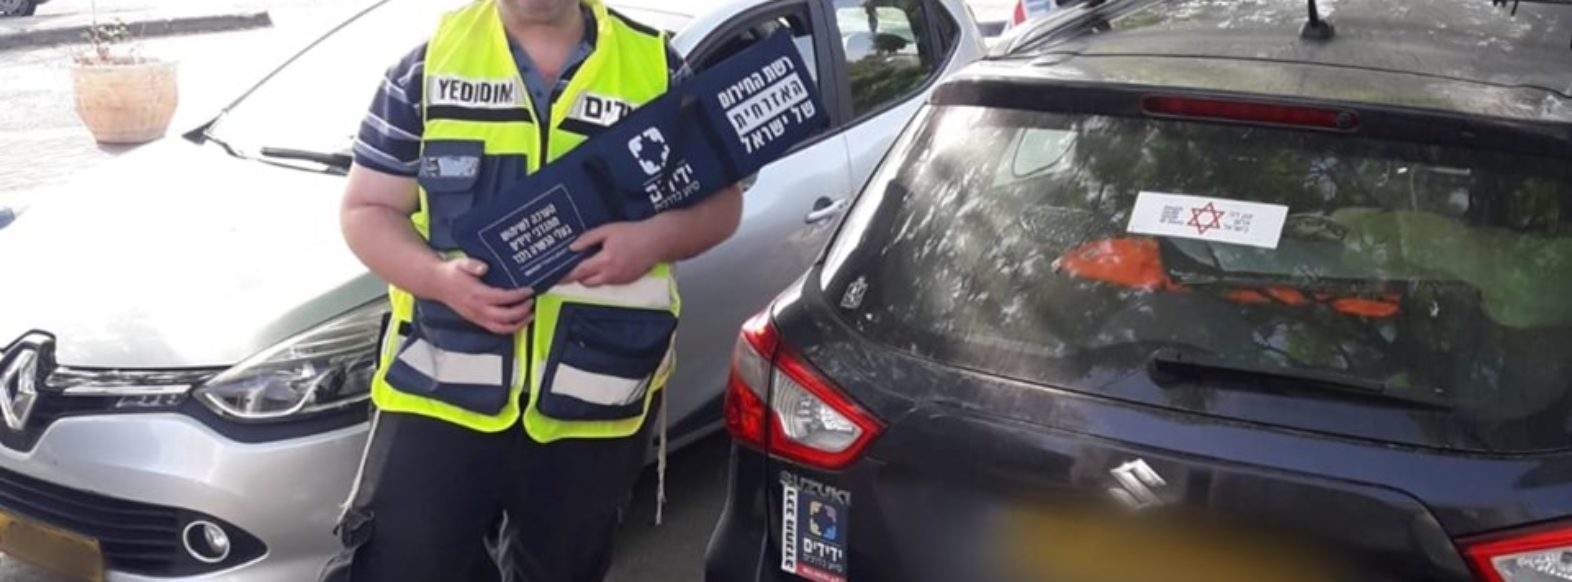 מתנדב ארגון ידידים הציל ילד שננעל ברכב בקריית ביאליק